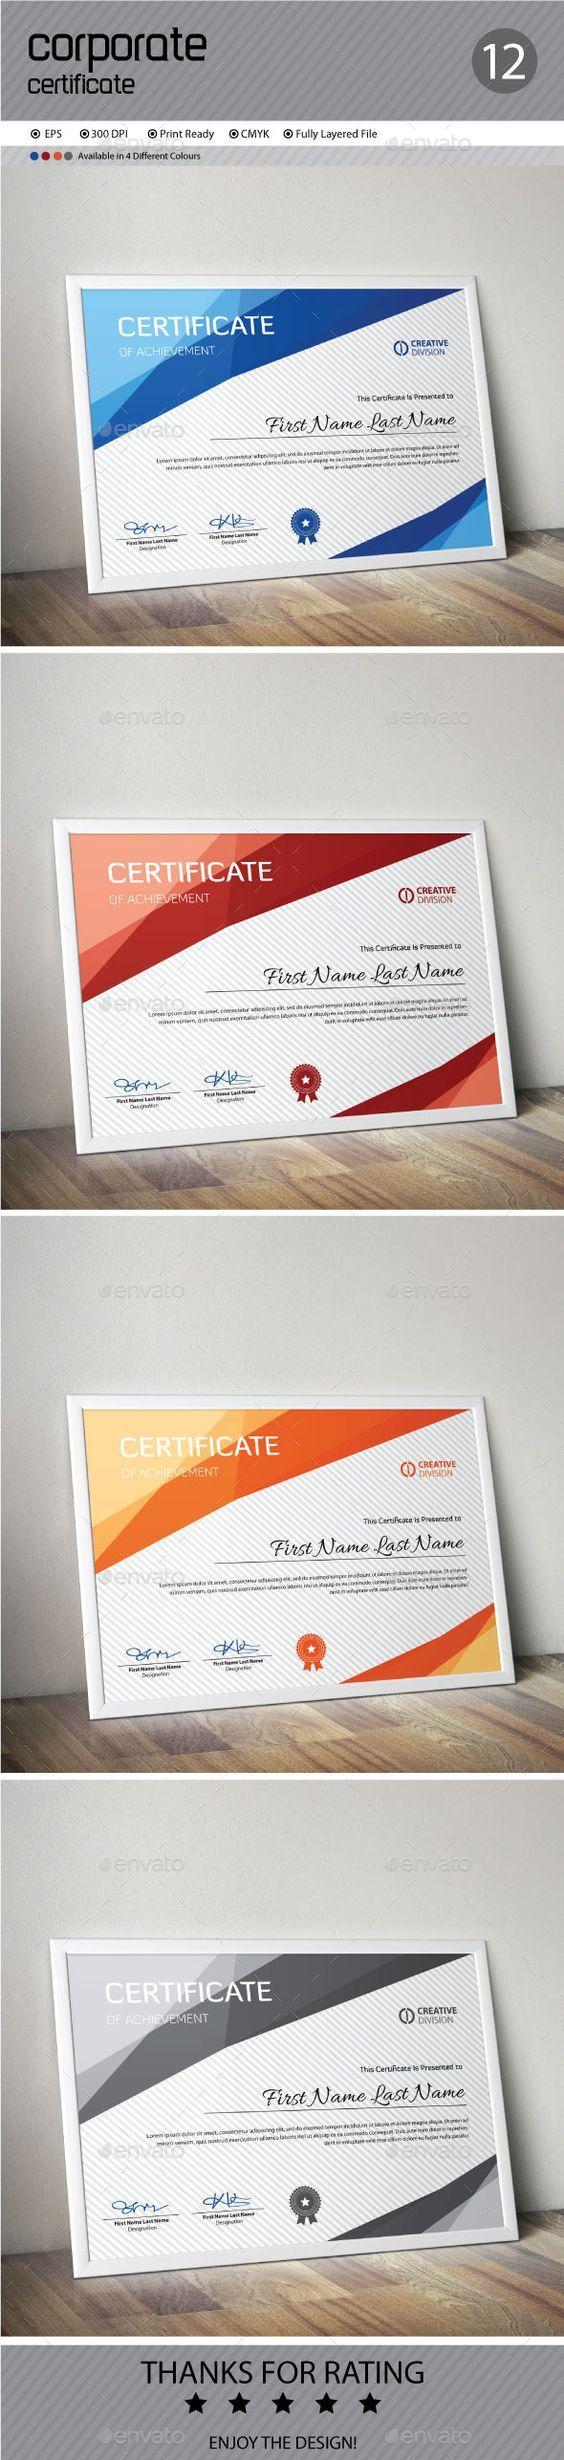 Certificate: